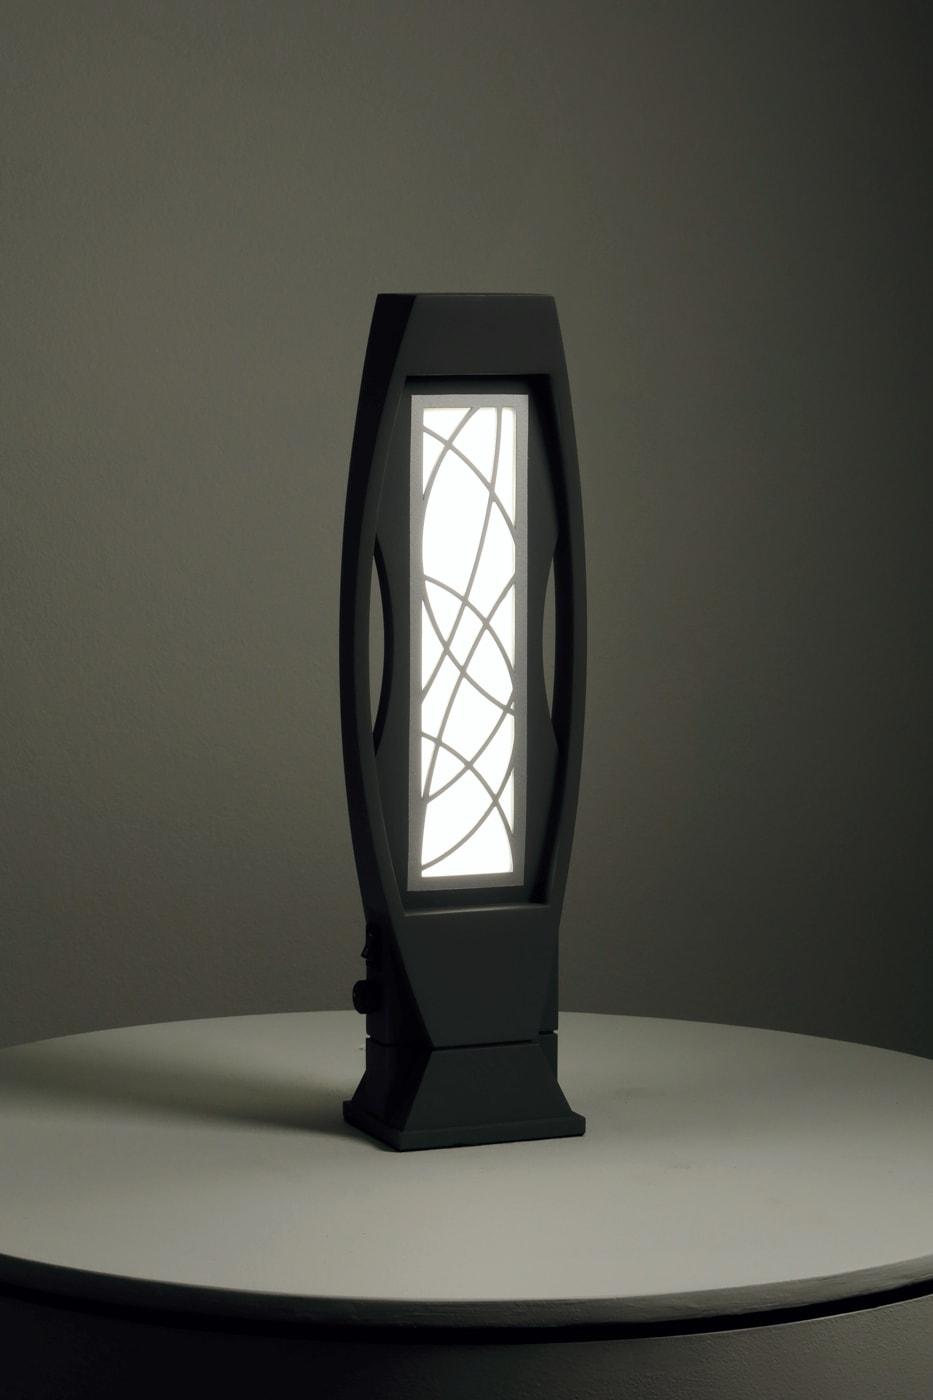 Brutal OLED fixture, Lumenique